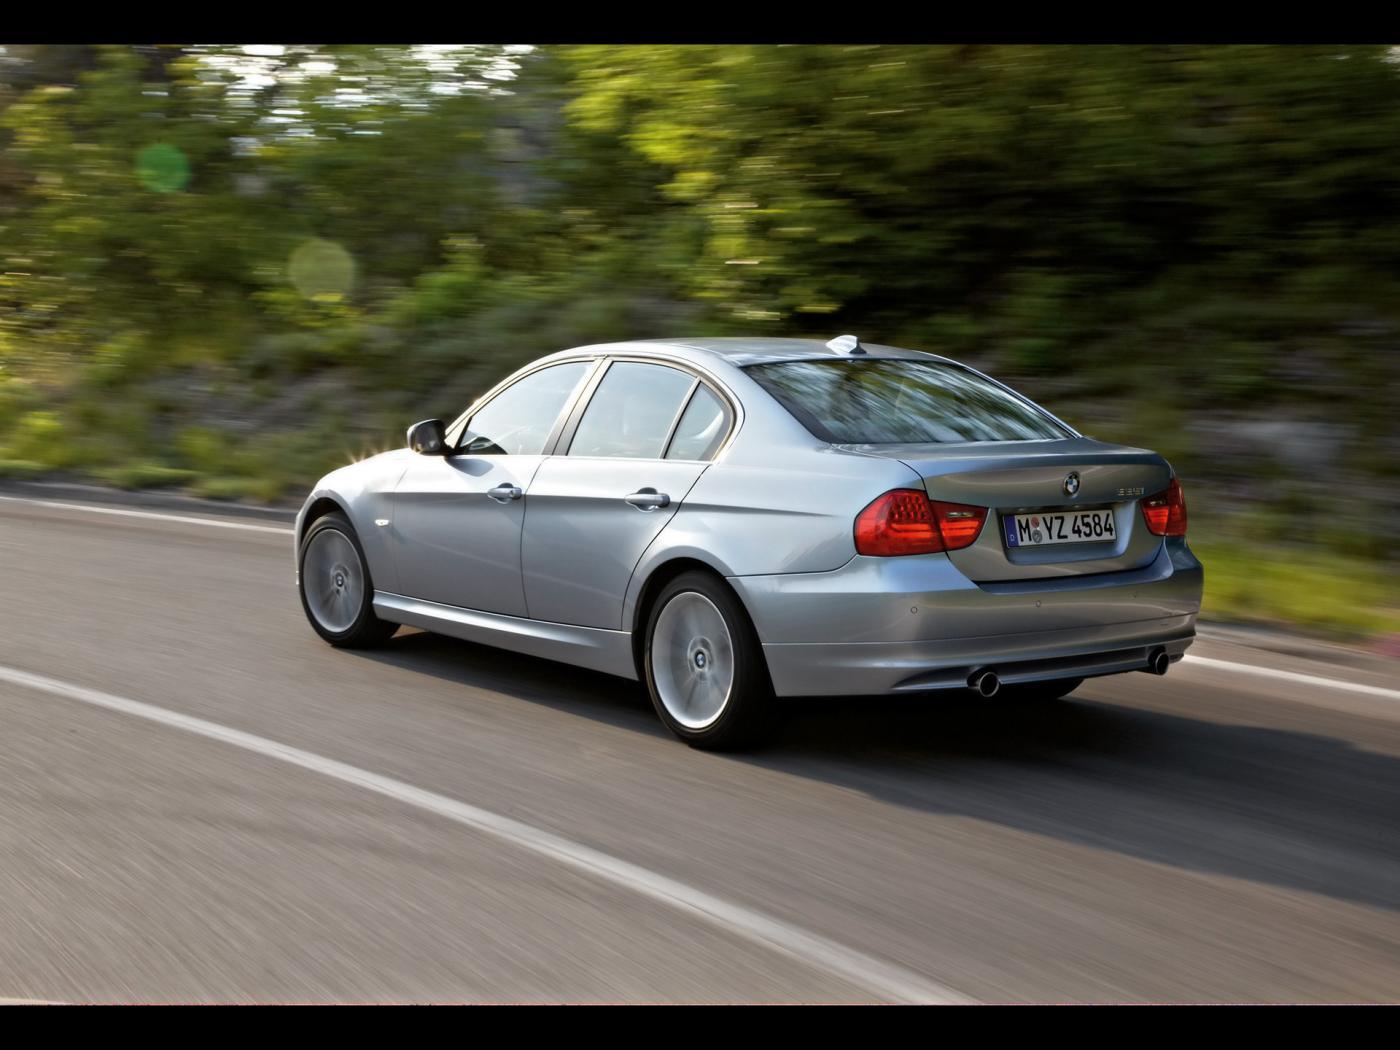 BMW--E90.jpeg